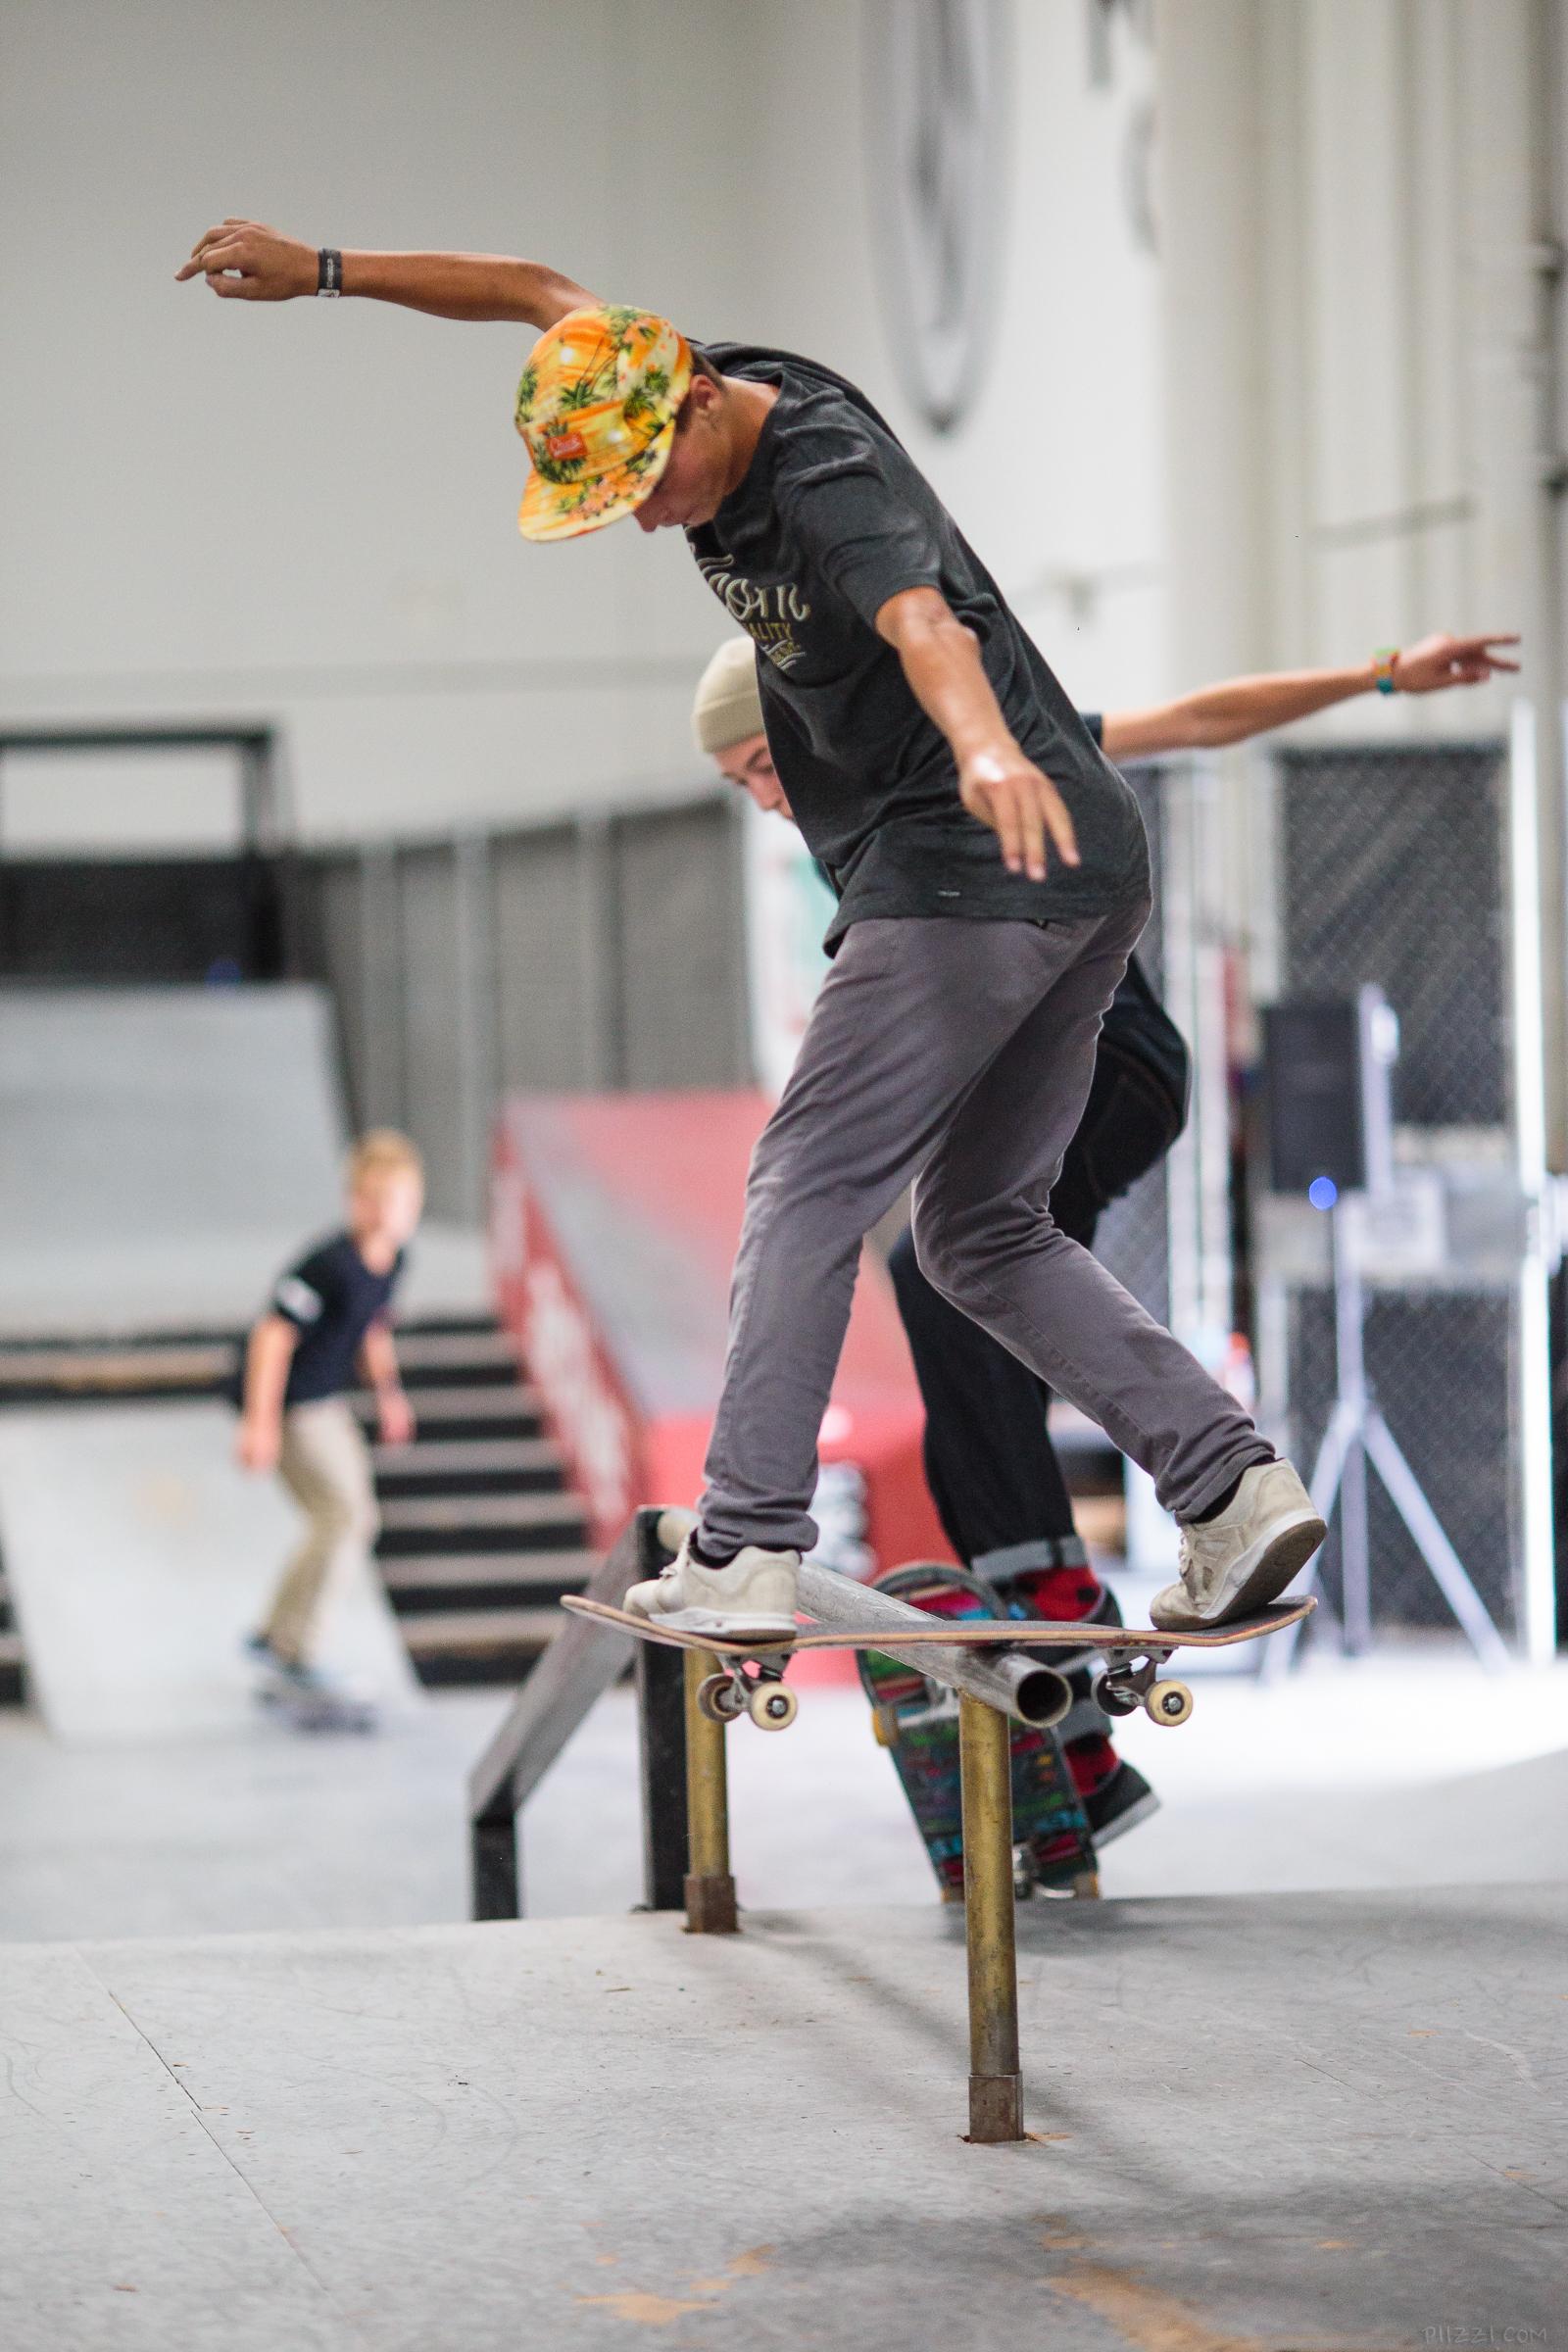 skate_rail_sequence_2.jpg